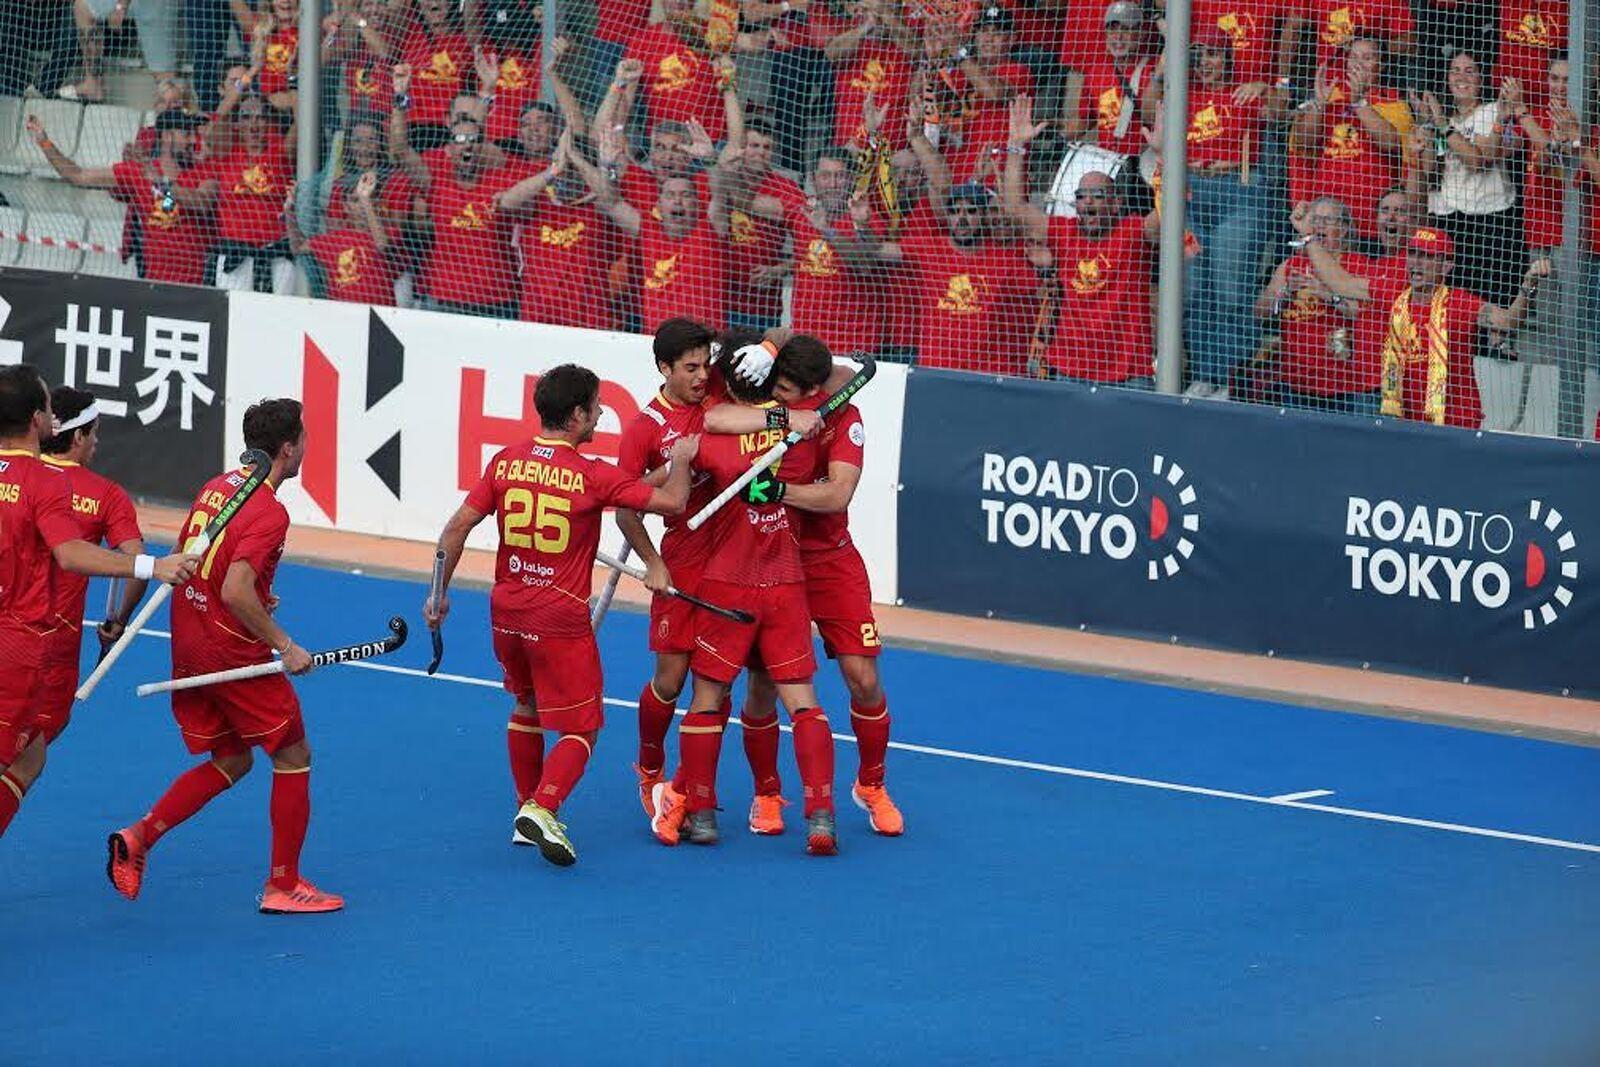 La selecció espanyola celebrant un dels gols aconseguits